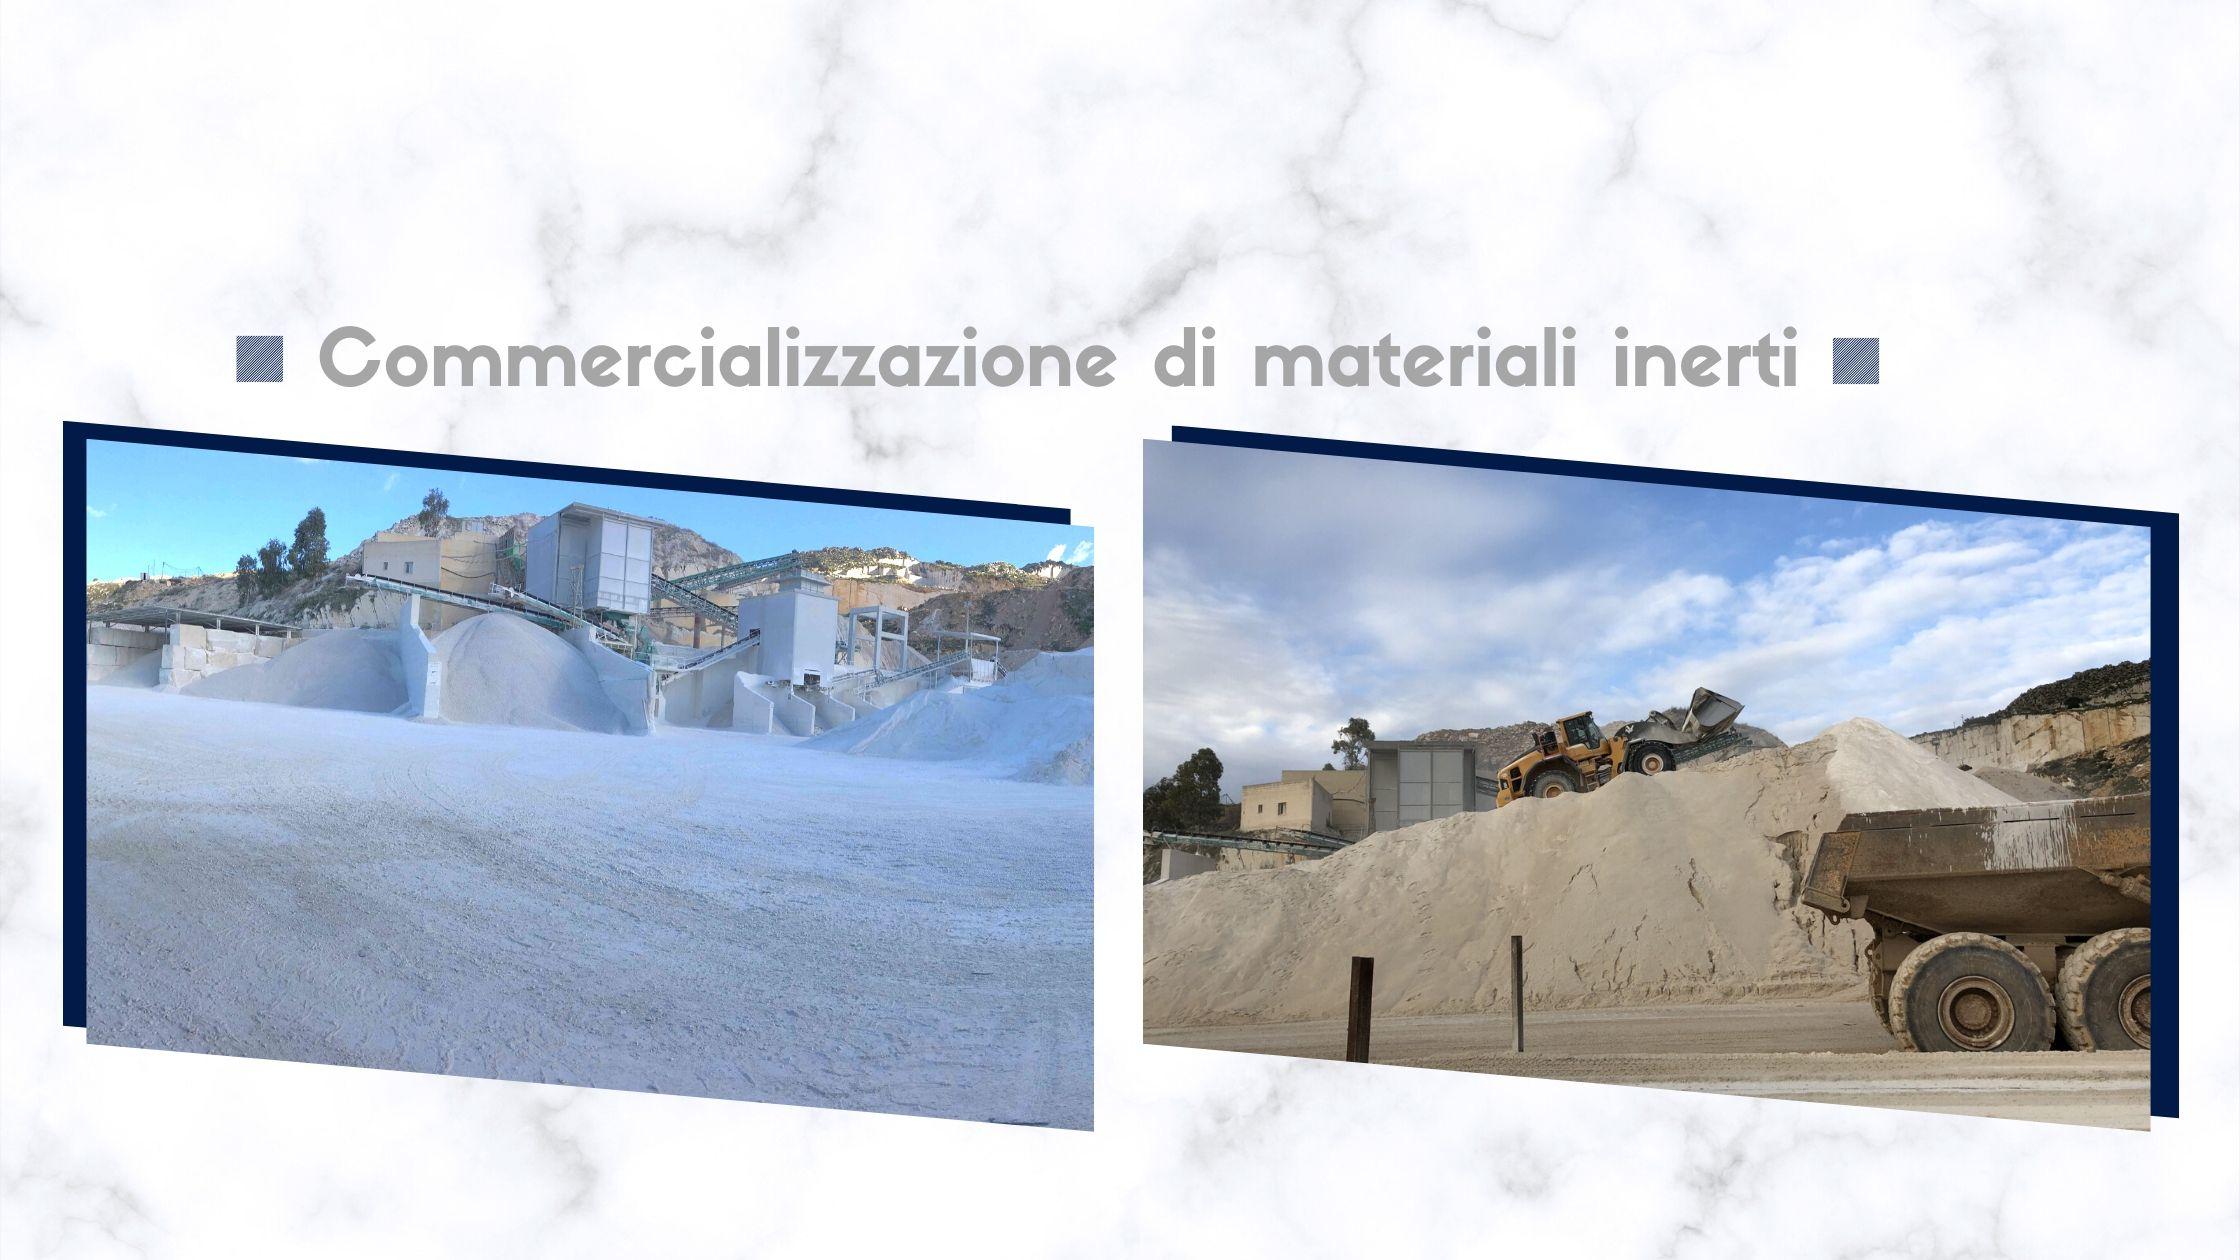 commercializzazione di materiali inerti pellegrino inerti custonaci